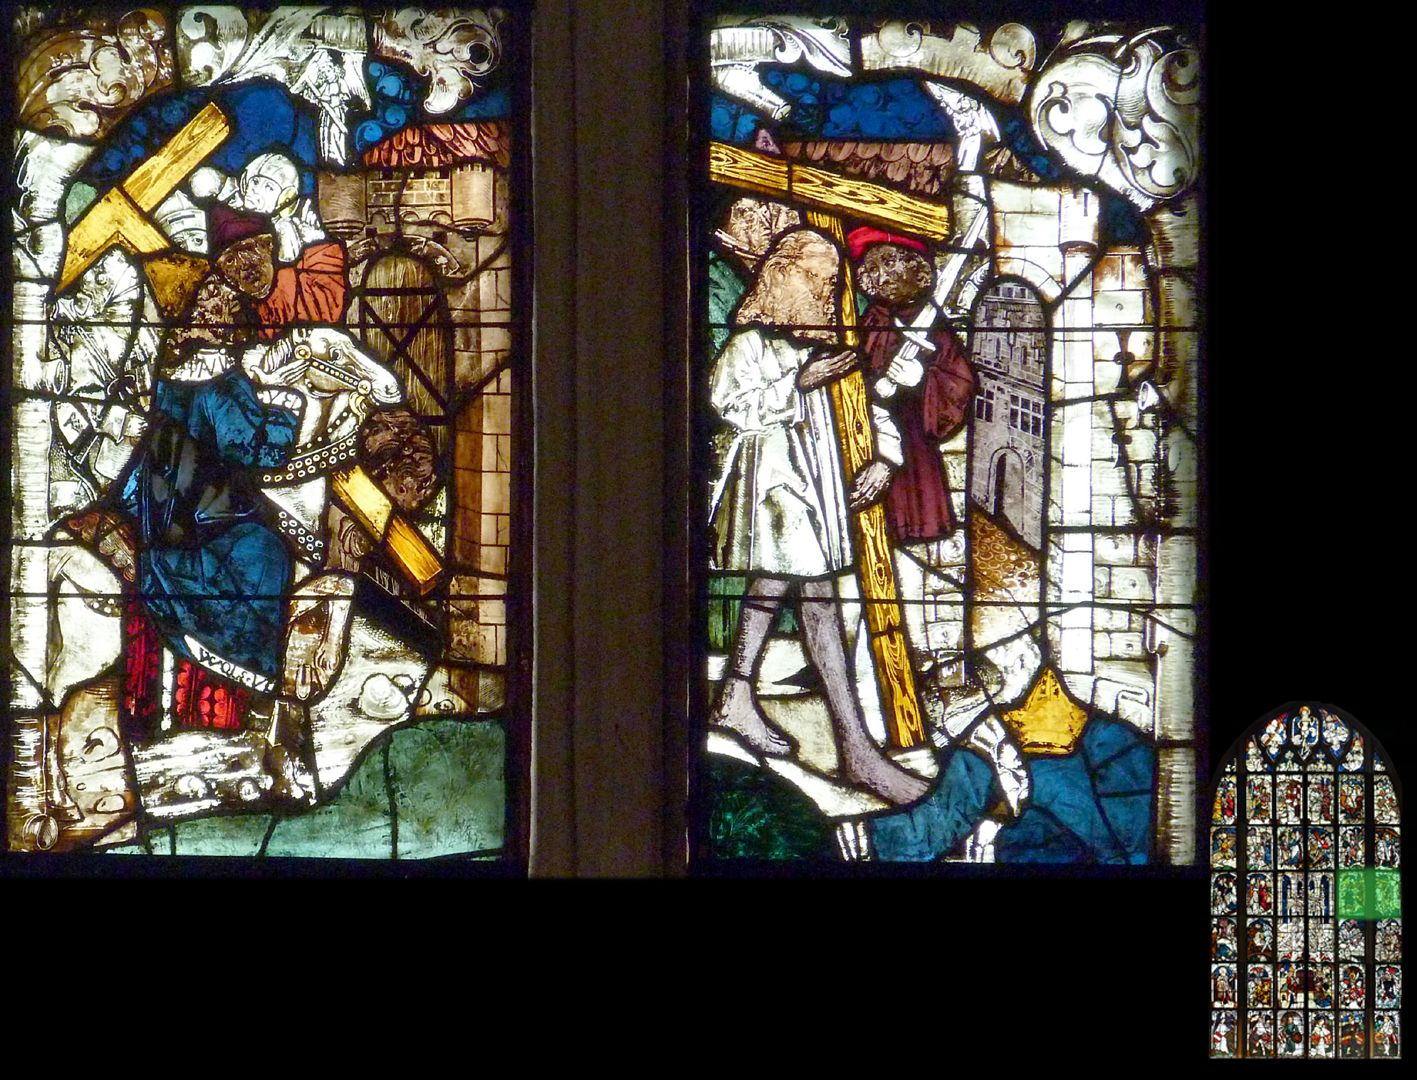 Kaiserfenster Nach Rückeroberung des Kreuzes (im 7.Jahrhundert) durch Kaiser Heraklius bringt dieser das Kreuz zurück nach Jerusalem. Der Zutritt zur Stadt wird ihm erst nach Ablegen seiner Machtinsignien und Anlegen eines einfachen Büßergewandes erlaubt.